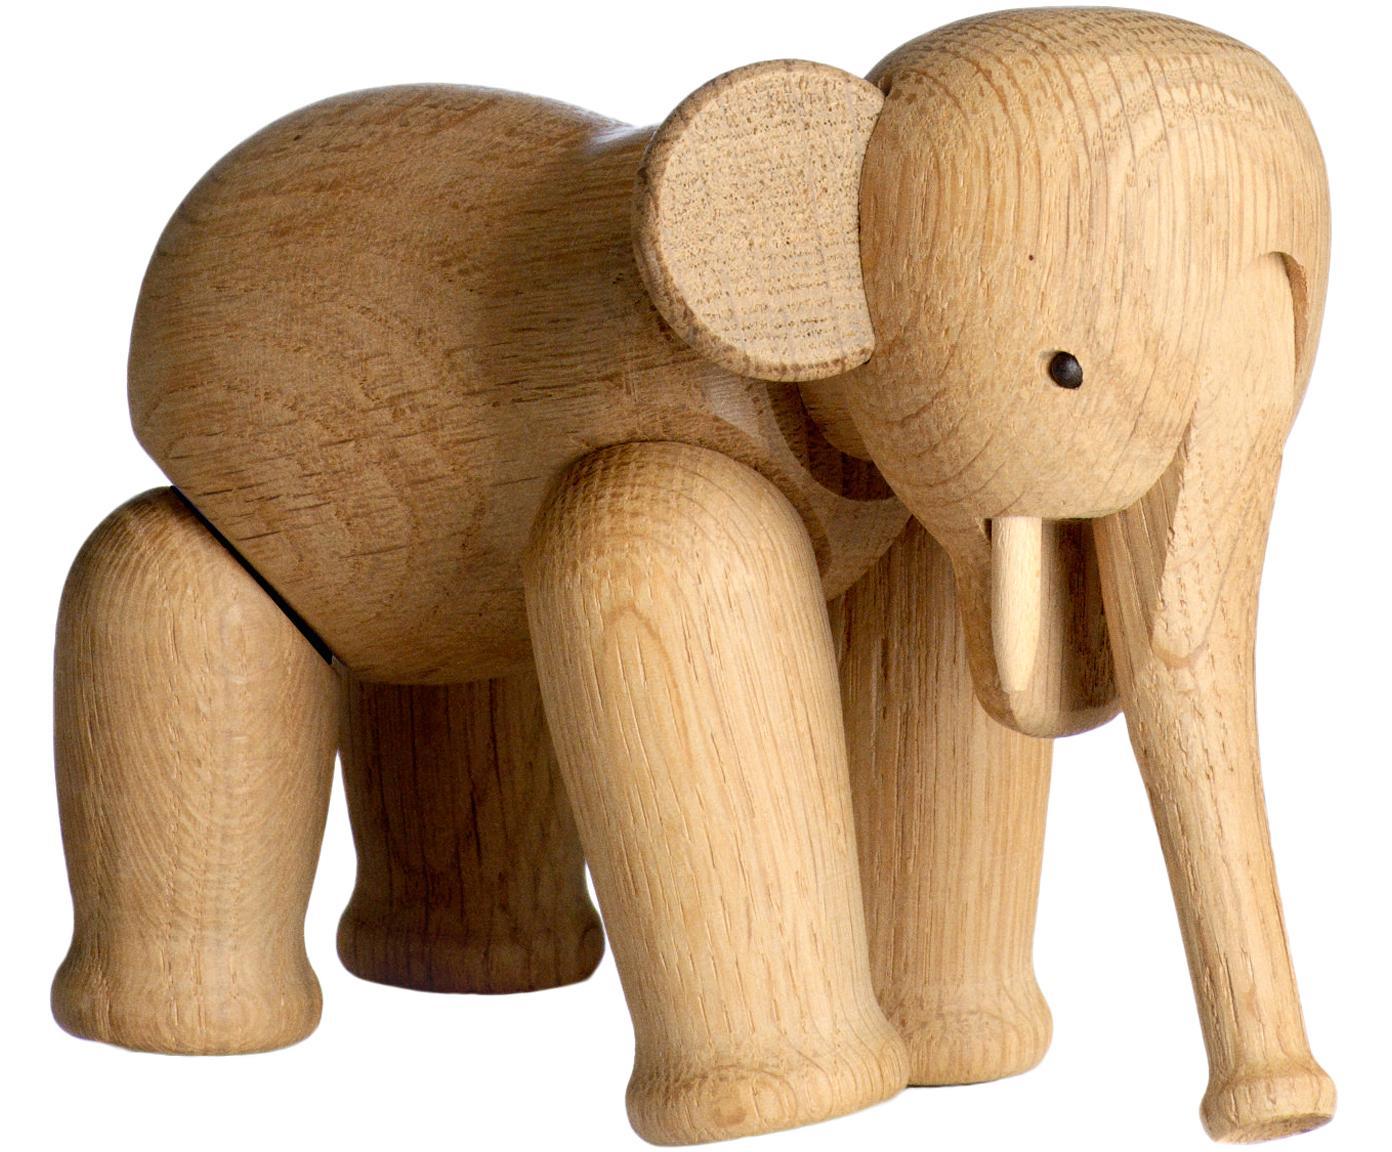 Oggetto decorativo di design Elephant, legno di quercia, Legno di quercia verniciato, Legno di quercia, Larg. 17 x Alt. 13 cm